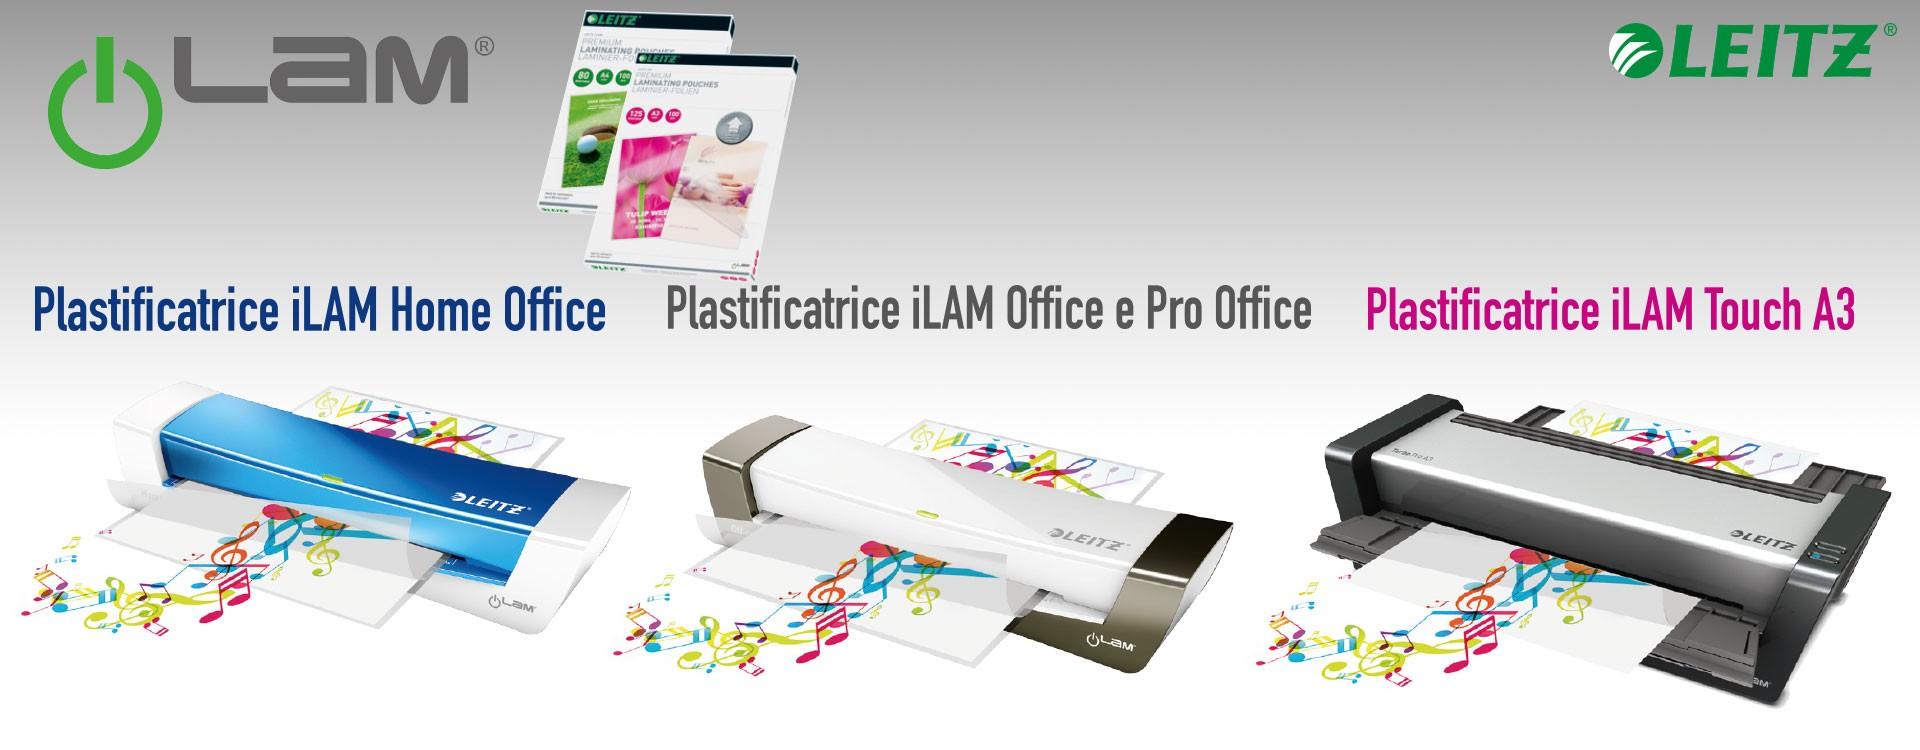 Plastificatrici ILAM Leitz